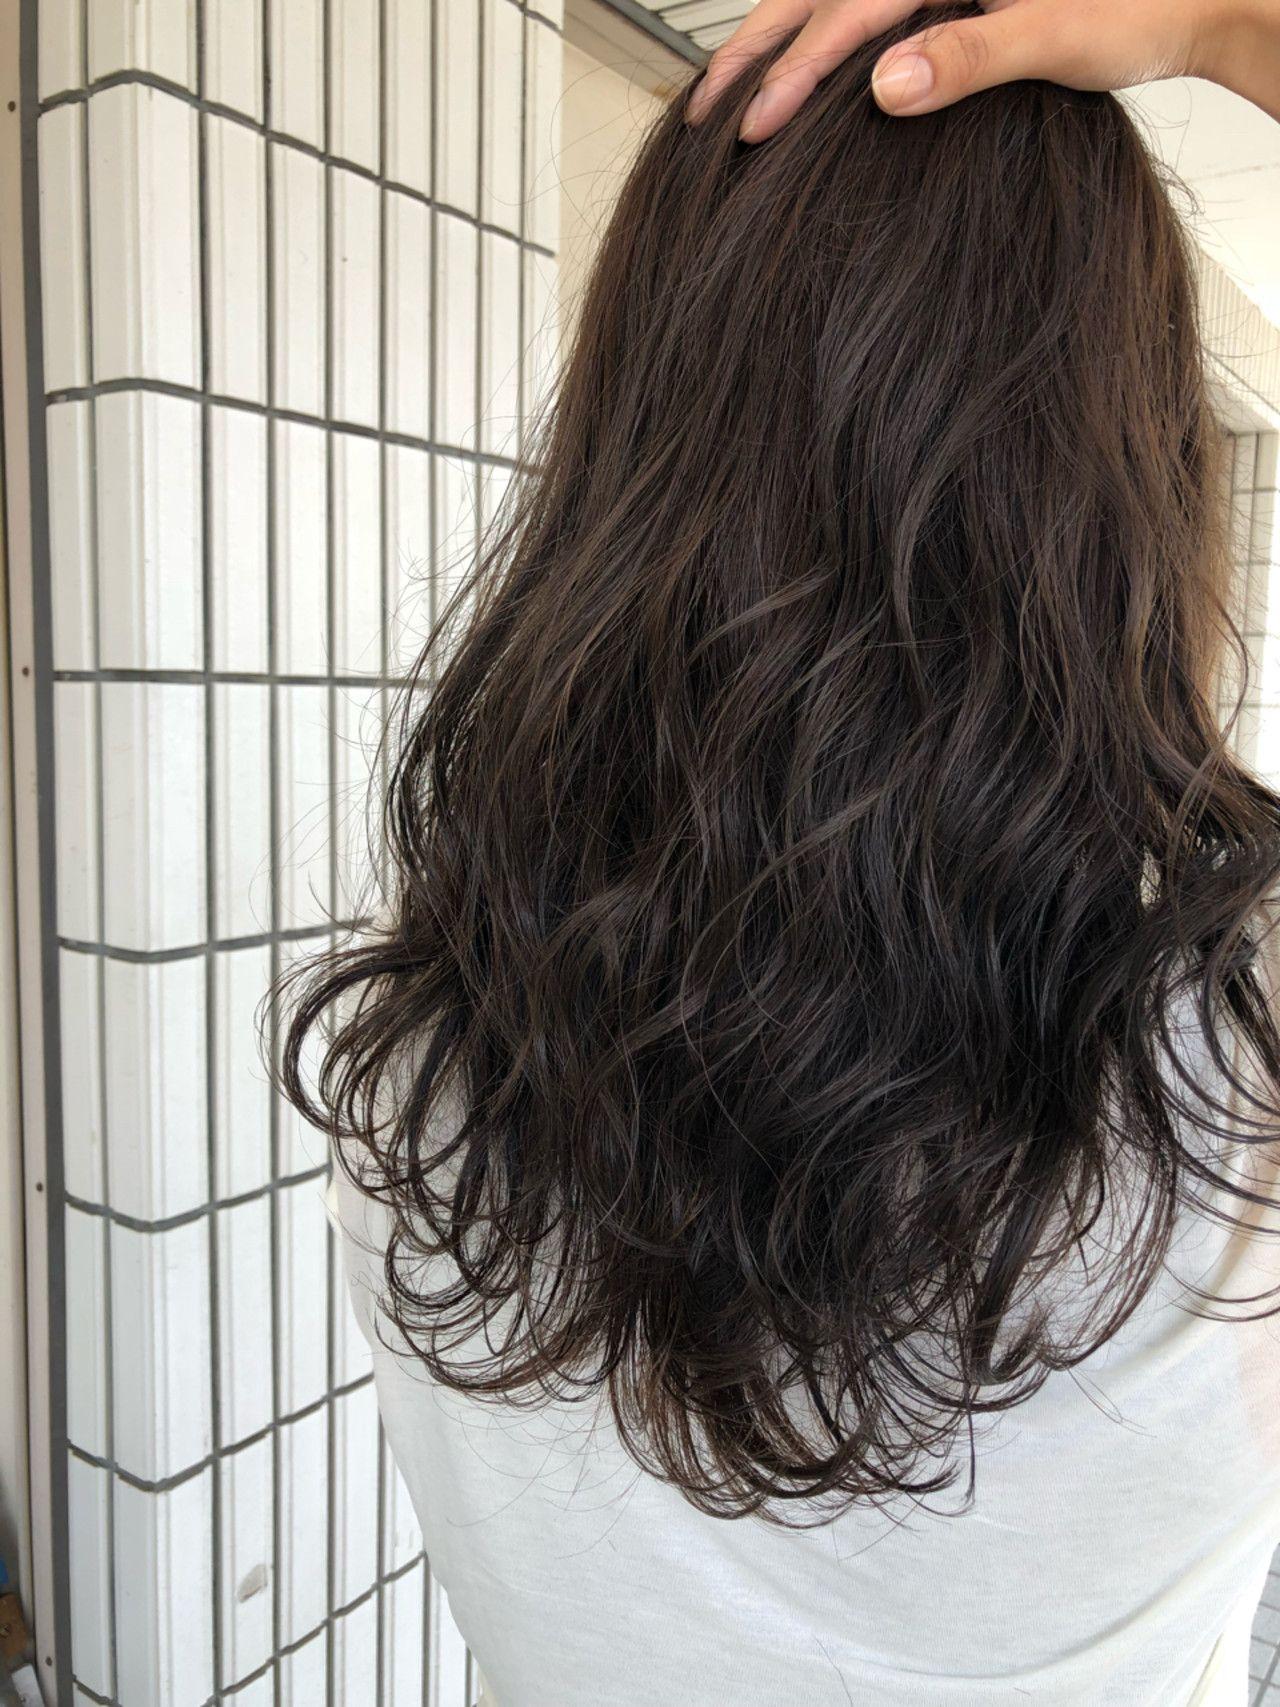 王道 アッシュブラウン 髪色 暗め 髪 色 黒髪ロング パーマ